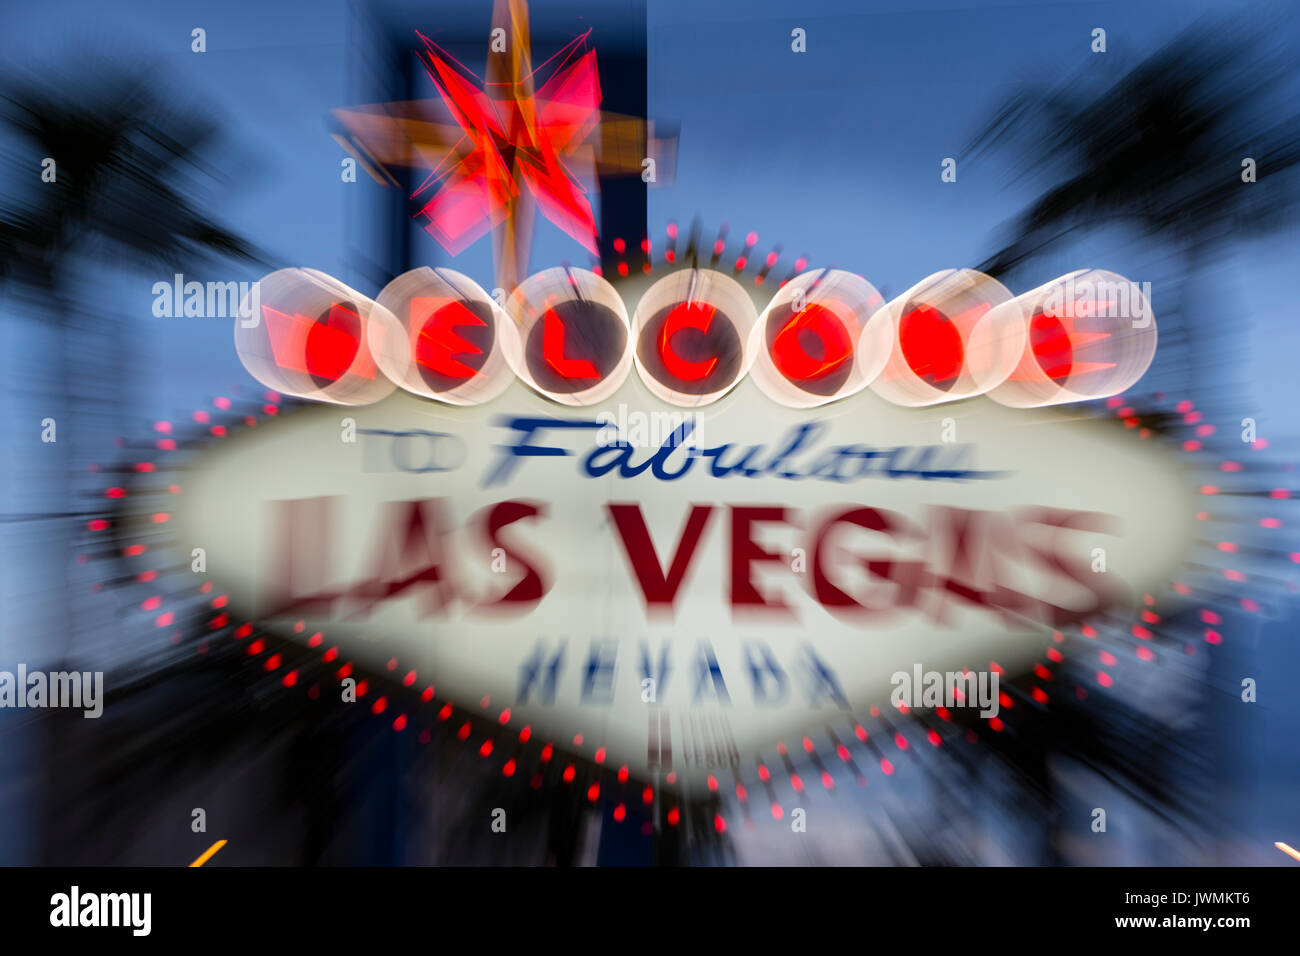 """L'emblématique 'Welcome to Fabulous Las Vegas"""" en néon accueille les visiteurs à Las Vegas voyageant au nord sur le Strip de Las Vegas. Photo Stock"""